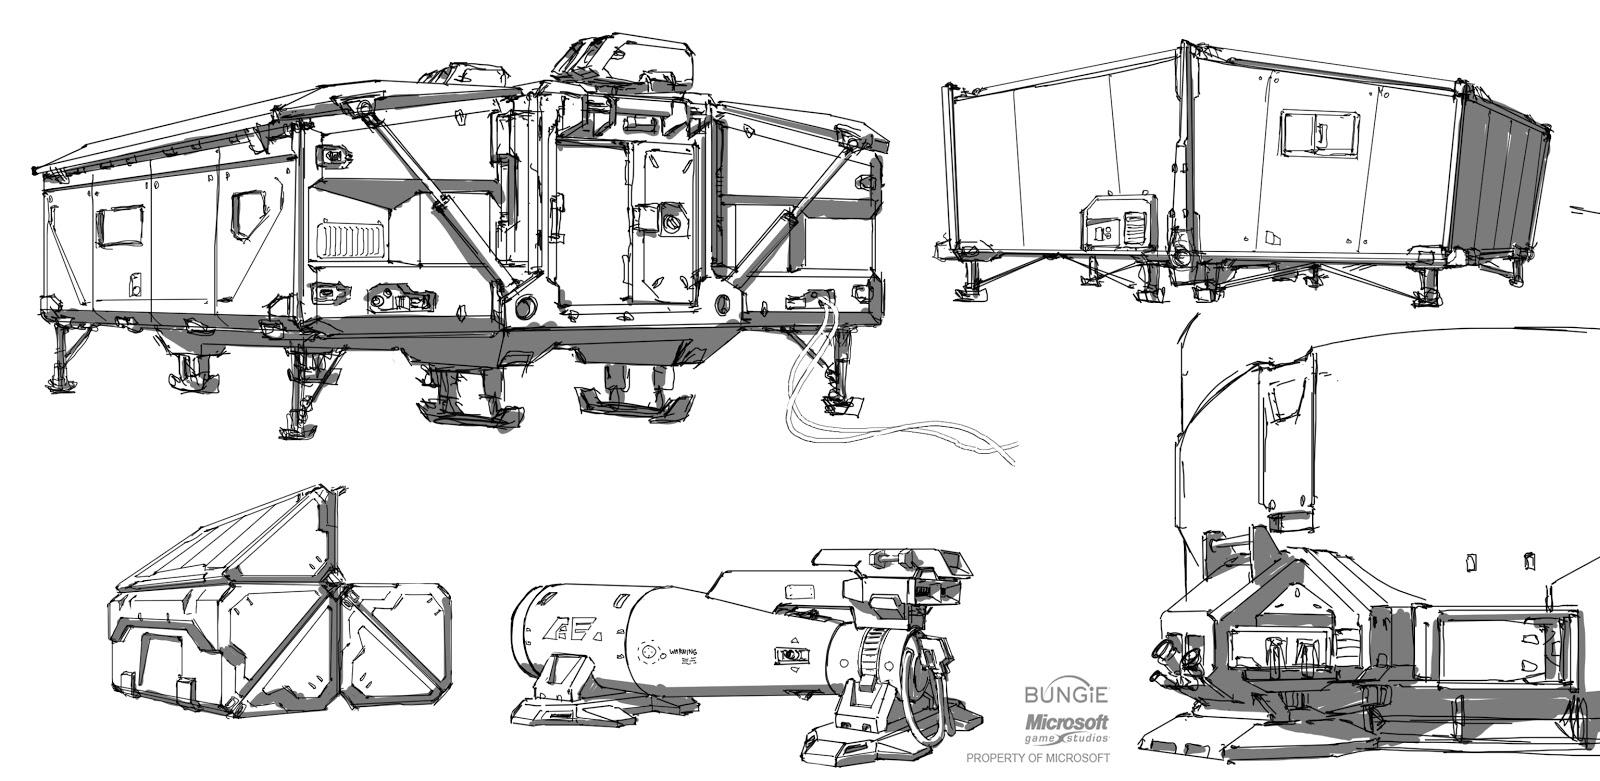 space ship guru february 2011